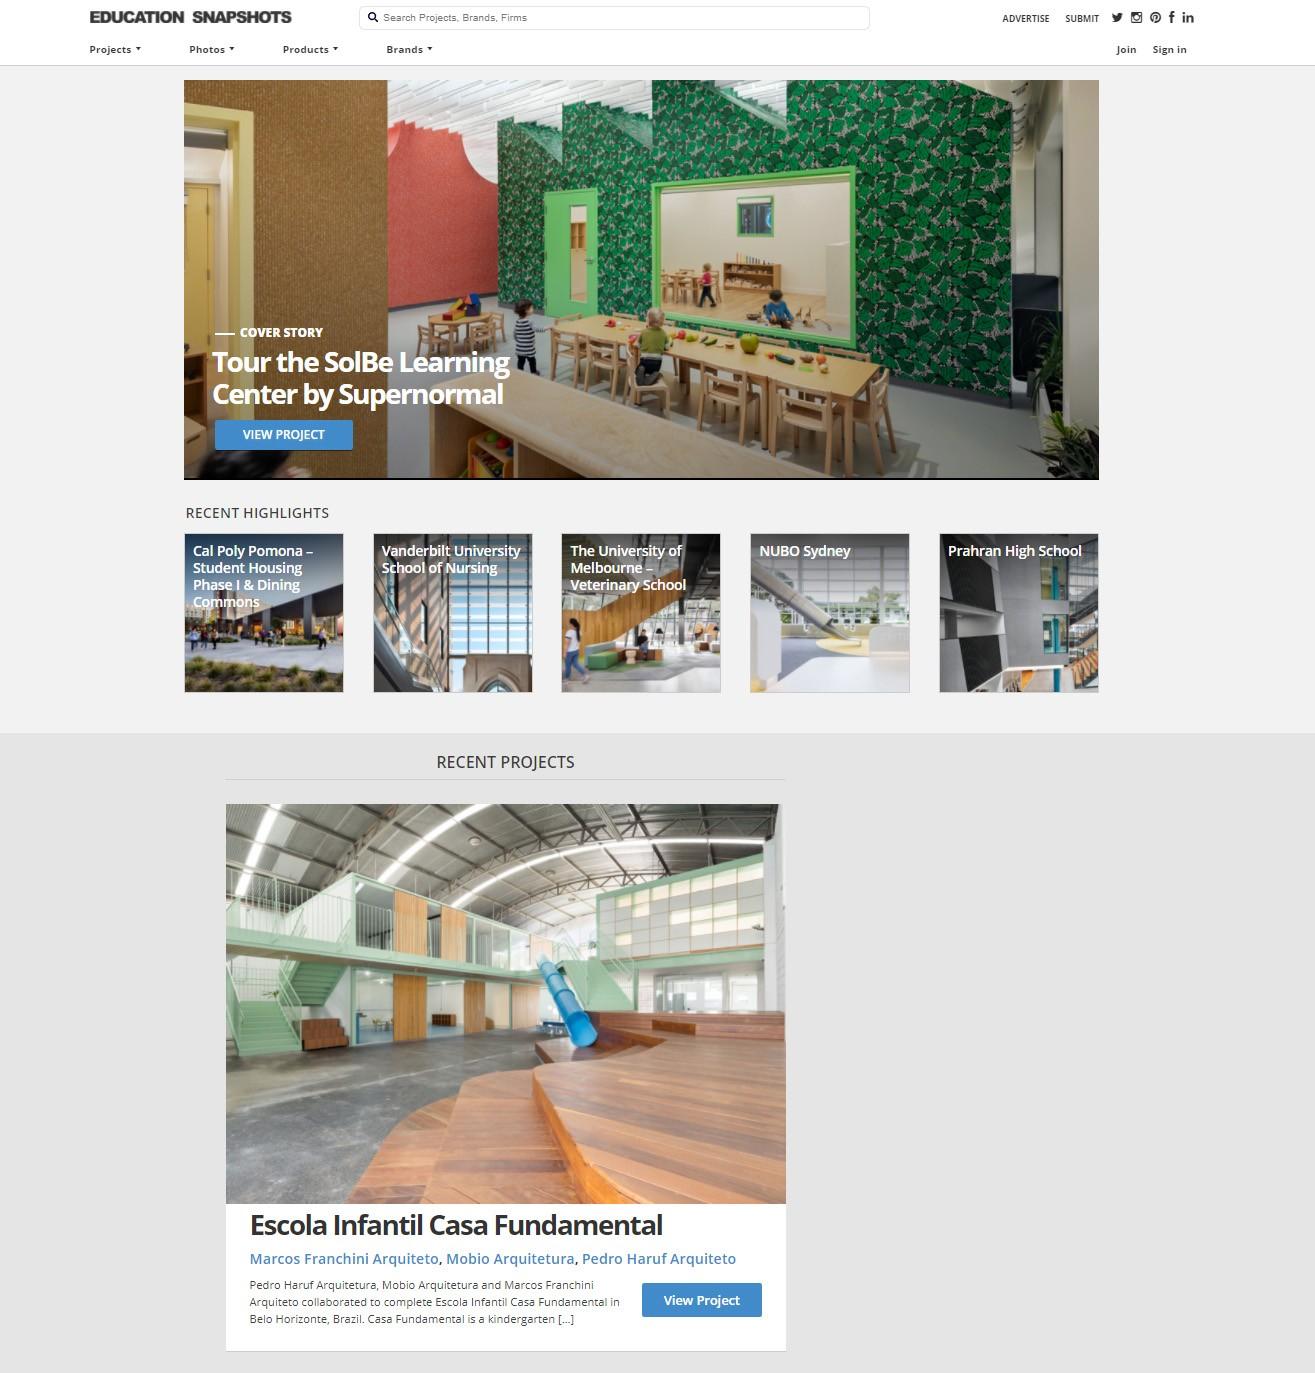 Projeto arquitetura escola infantil reforma Belo Horizonte Gabriel Castro MOBIO